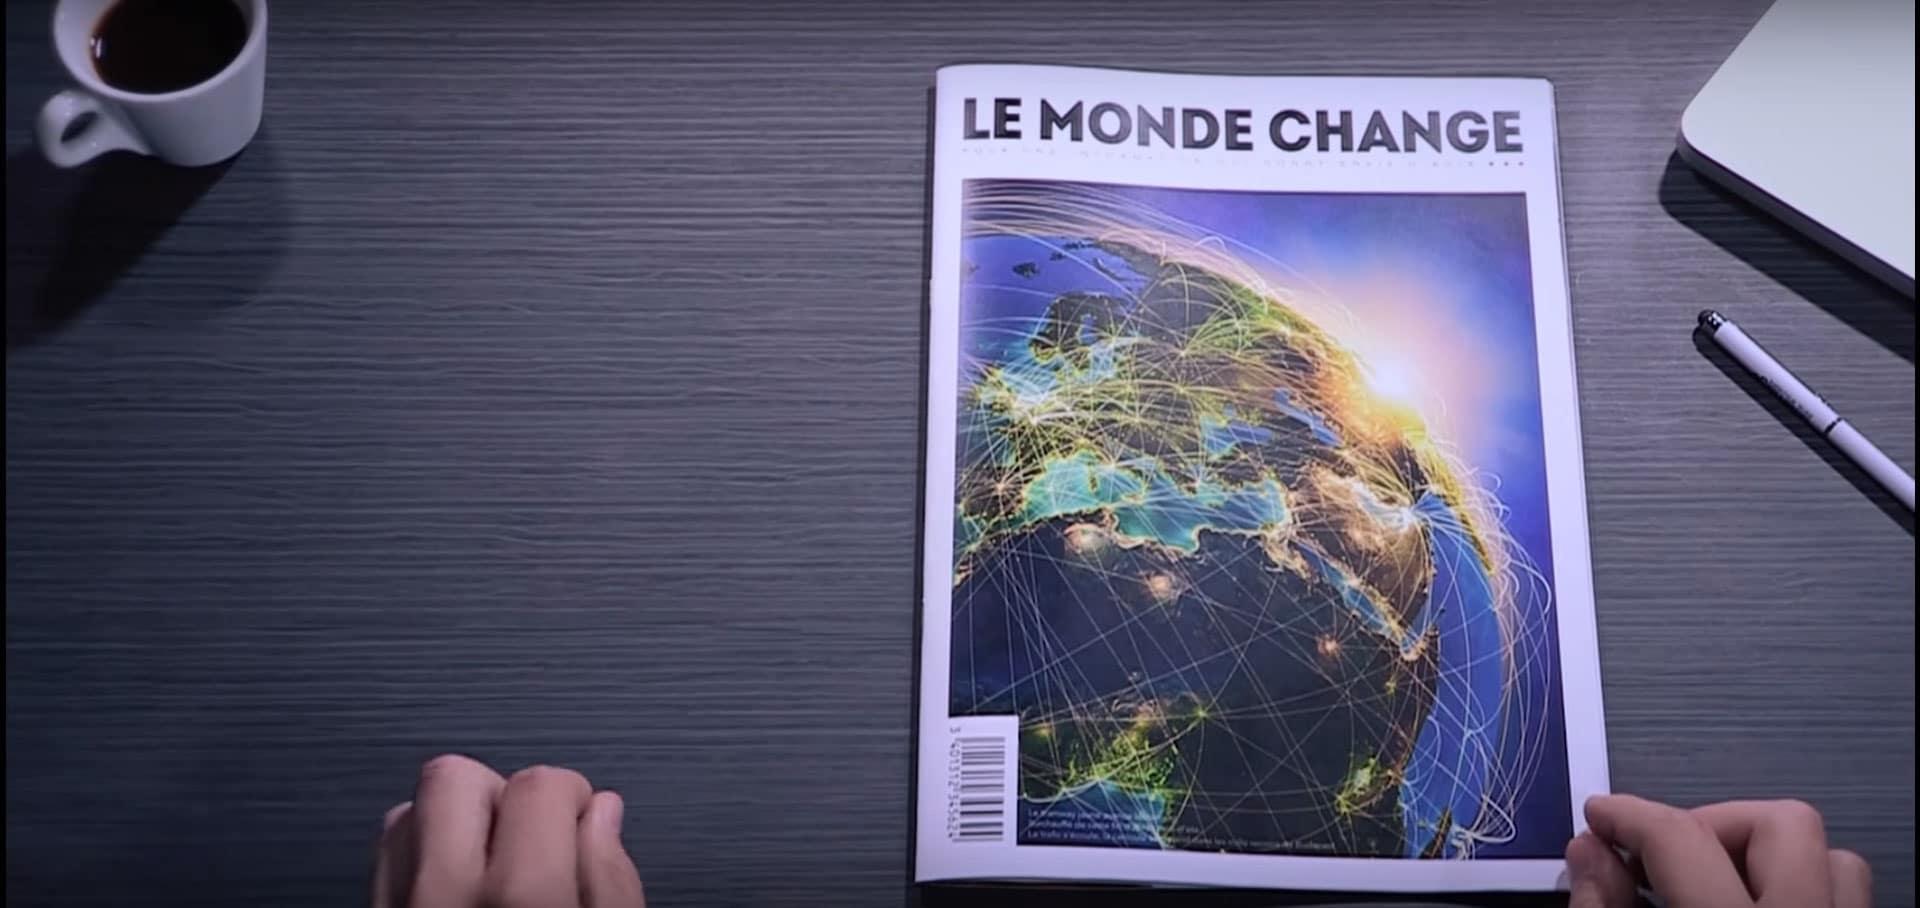 le_monde_change